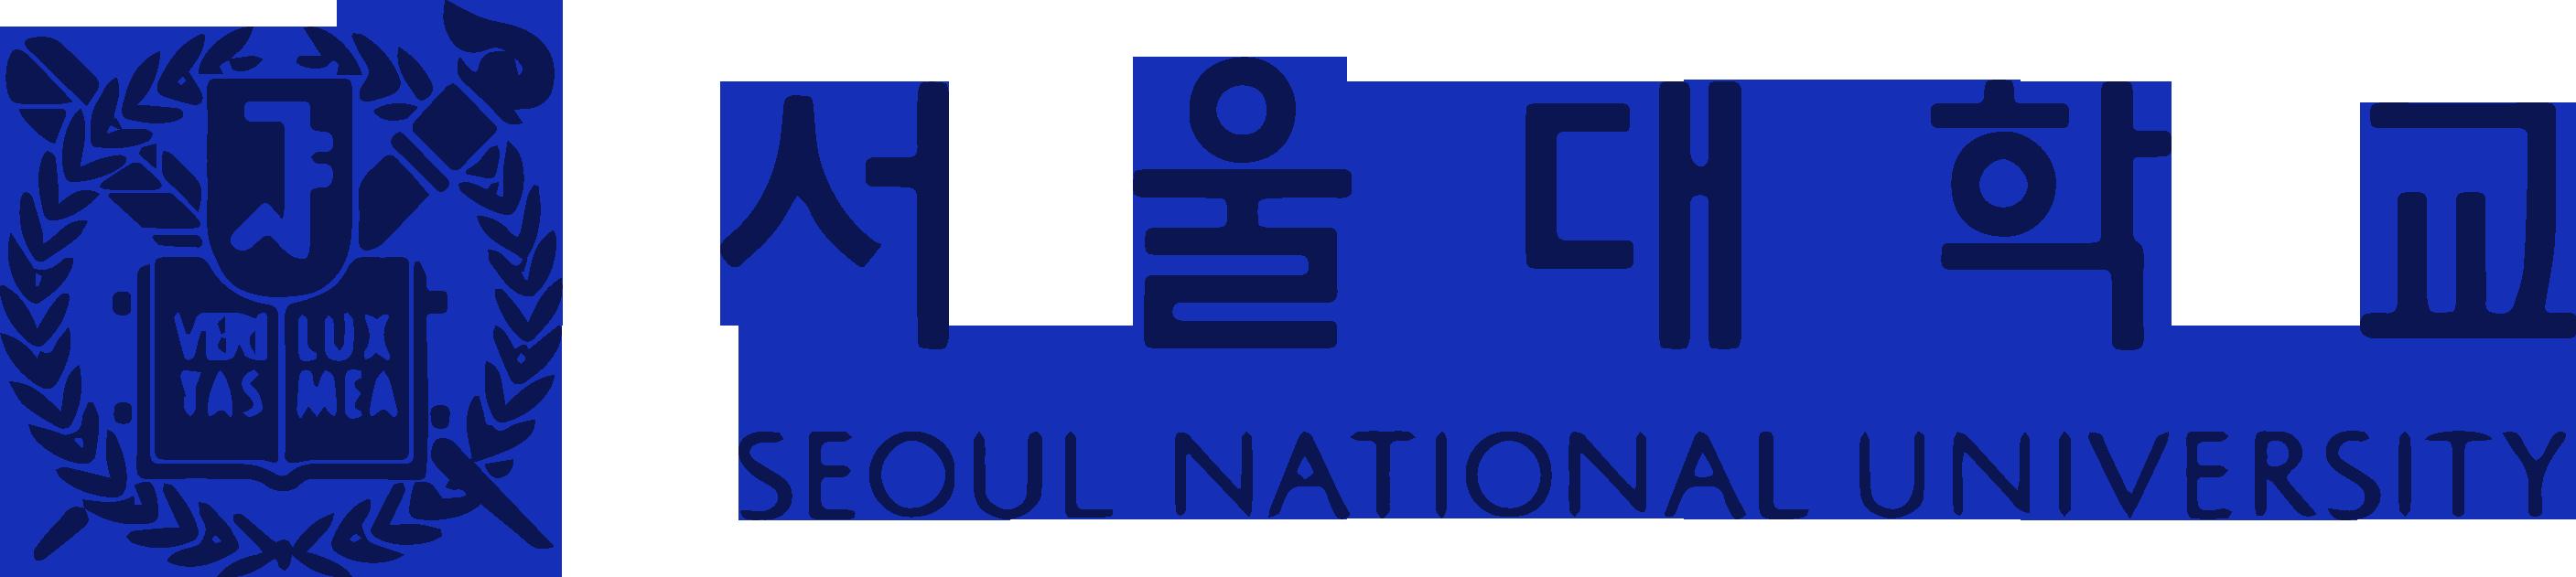 Seoul National University | Study Abroad